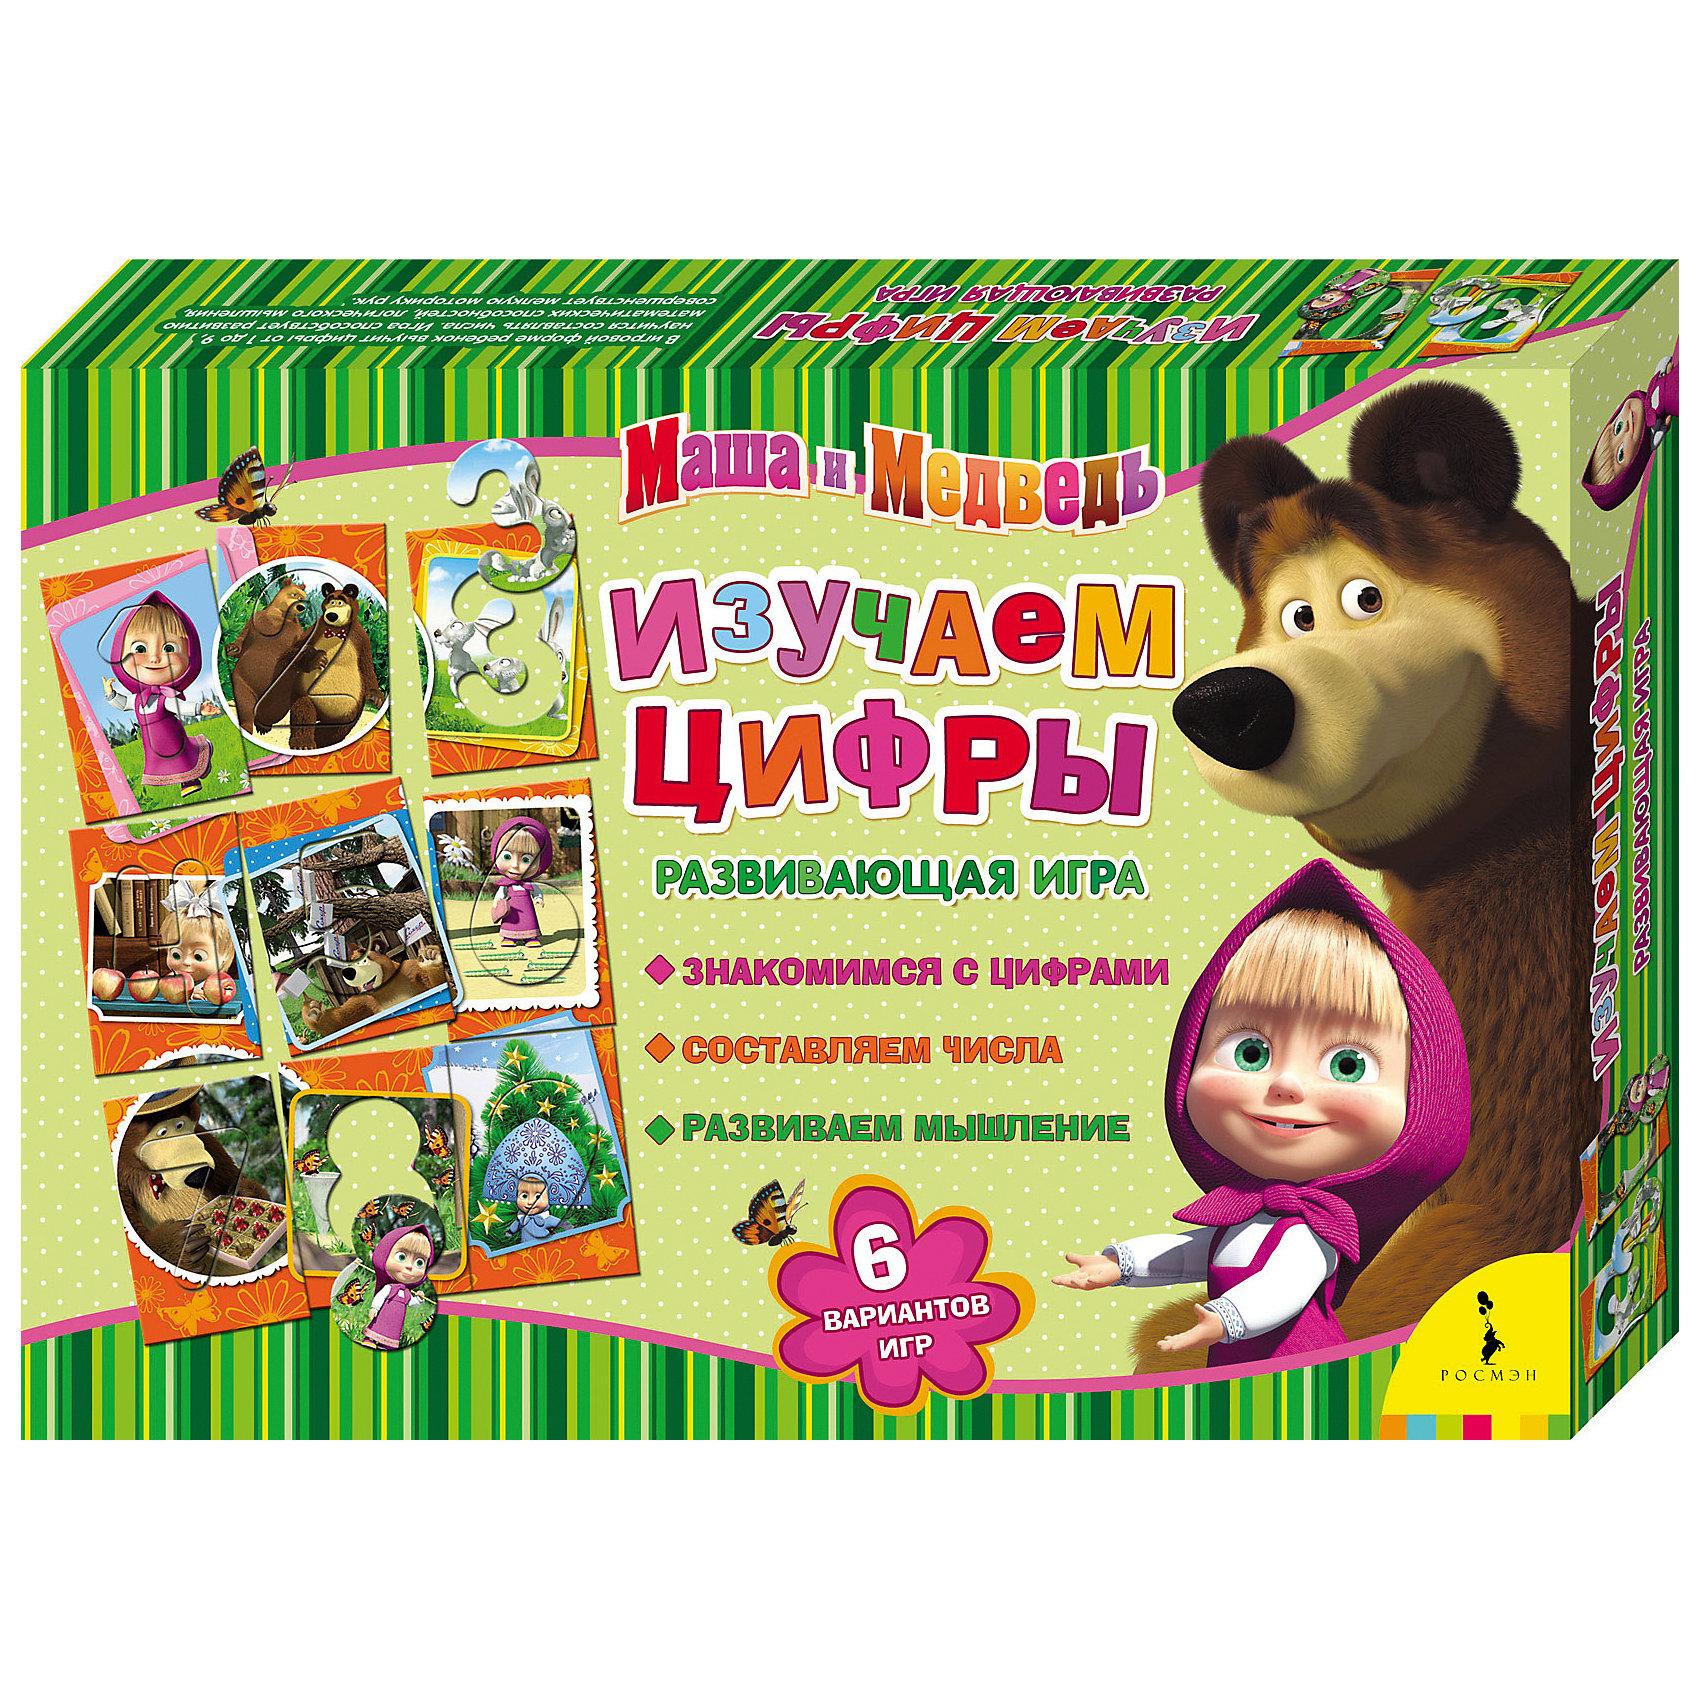 Развивающая настольная игры Изучаем цифры Маша и МедведьОбучающие карточки<br>Характеристики:<br><br>• возраст: от 3 лет<br>• в комплекте: 9 карточек с вынимающимися цифрами, инструкция<br>• материал: картон<br>• размер карточки: 16х11 см.<br>• упаковка: картонная коробка<br>• размер упаковки: 19,5х3,5х28 см.<br>• вес: 246 гр.<br>• ISBN: 4630008797280<br><br>Игра «Изучаем цифры» поможет ребёнку развить математические способности, мышление, внимание и мелкую моторику. Вместе с любимыми героями мультфильма «Маша и Медведь» малыш научится узнавать цифры, считать до 9.<br><br>В комплект игры входит 9 карточек с вынимающимися цифрами. Перед началом игры цифры нужно вынуть из карточек. Задача ребенка назвать цифру и подобрать к ней карточку с рисунком. Если малыш сделал это правильно, то на карточке получится красочное изображение героя мультсериала «Маша и Медведь».<br><br>Играть можно как вдвоём с ребёнком, так и с несколькими детьми.<br><br>Игру «Изучаем цифры», Маша и Медведь можно купить в нашем интернет-магазине.<br><br>Ширина мм: 195<br>Глубина мм: 35<br>Высота мм: 280<br>Вес г: 246<br>Возраст от месяцев: 36<br>Возраст до месяцев: 2147483647<br>Пол: Унисекс<br>Возраст: Детский<br>SKU: 6944495